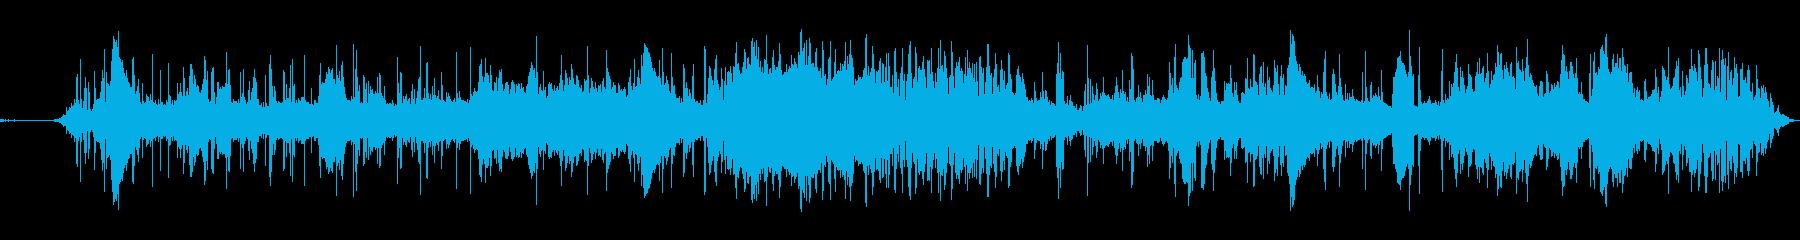 世界の果ての壁の外の世界 前衛音楽の再生済みの波形